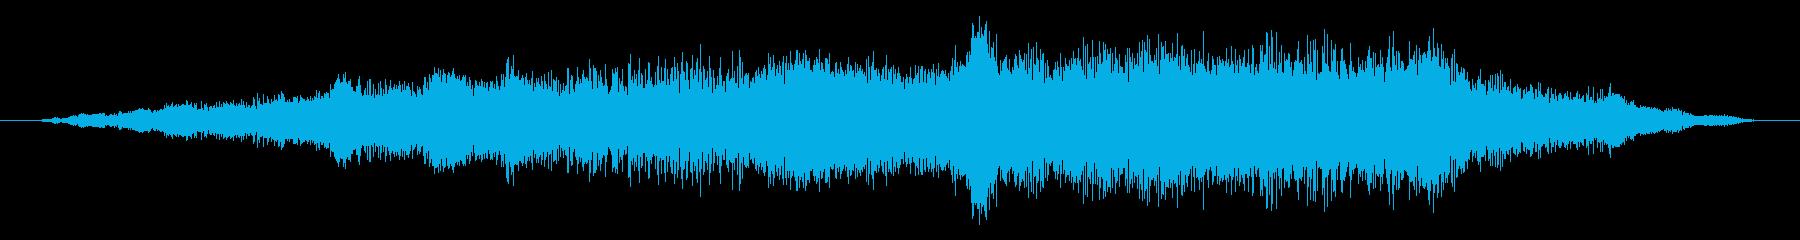 素材 大気の剥離02の再生済みの波形